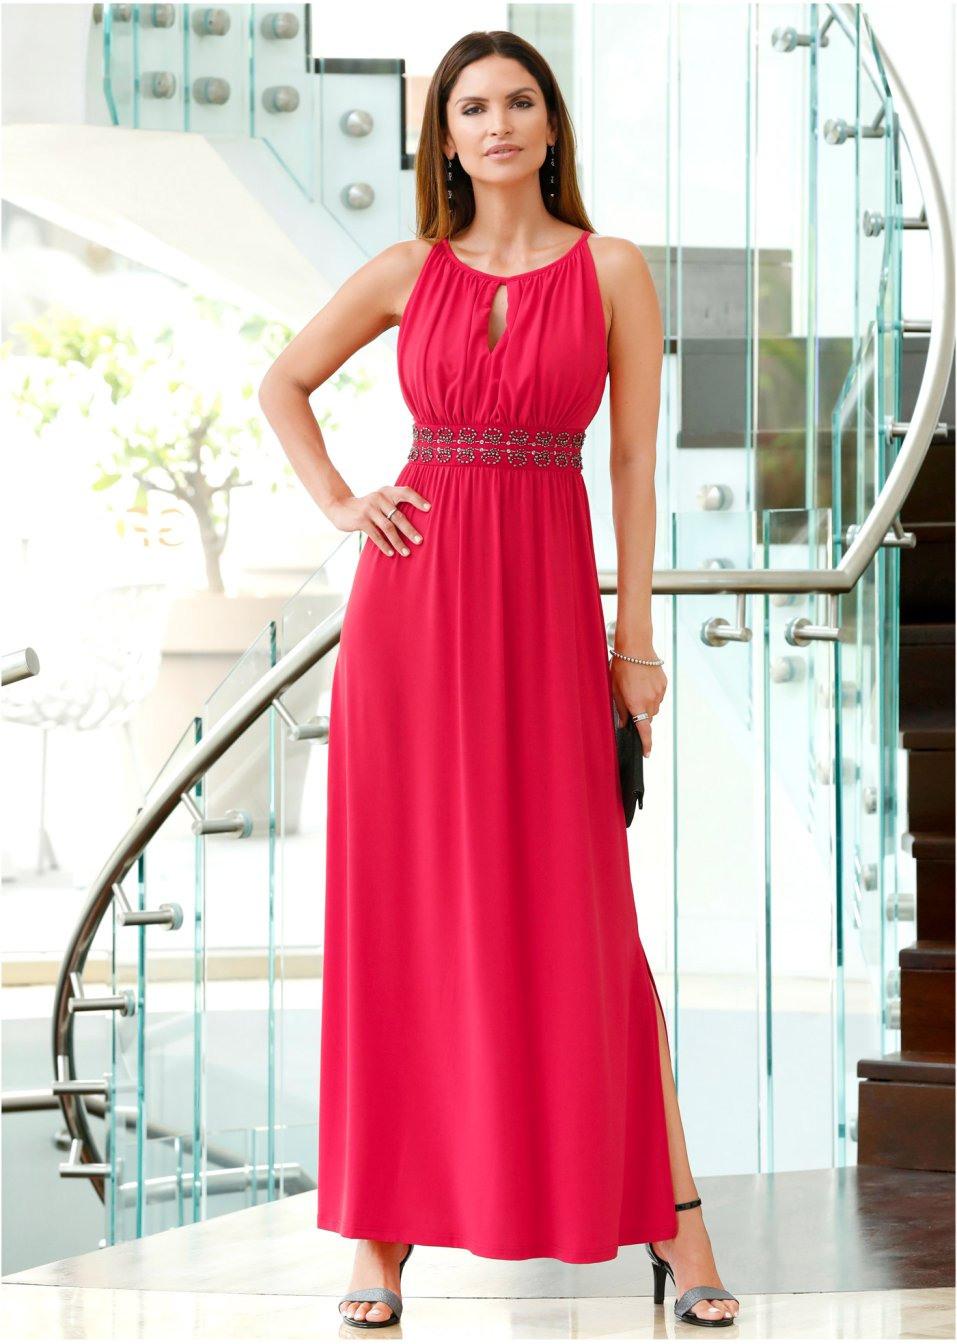 Abendkleider Für Besondere Anlässe Online Kaufen  Bonprix